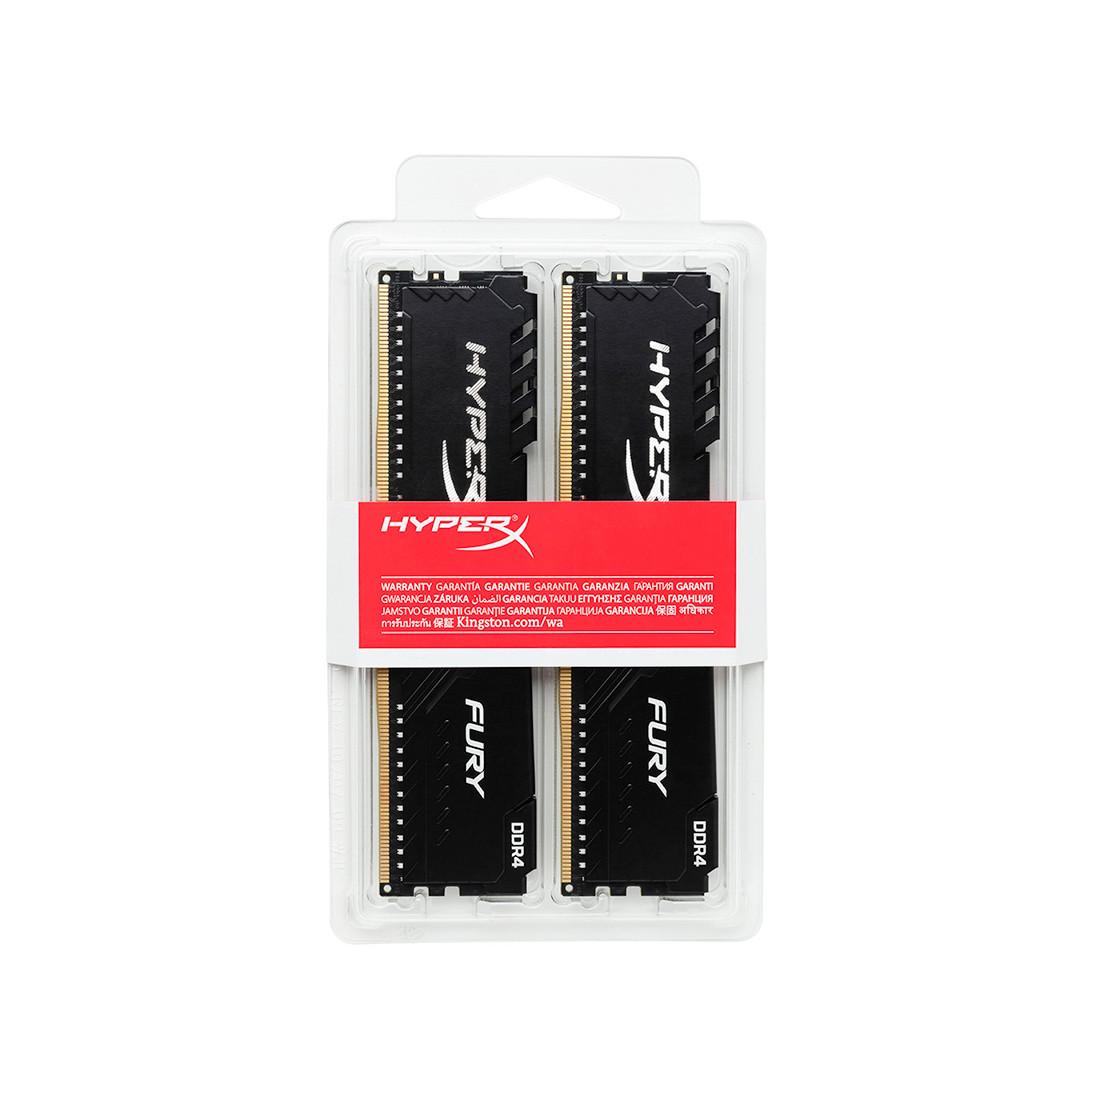 Комплект модулей памяти Kingston HyperX Fury HX434C16FB3K2/16 DDR4 16G (2x8G) 3466MHz